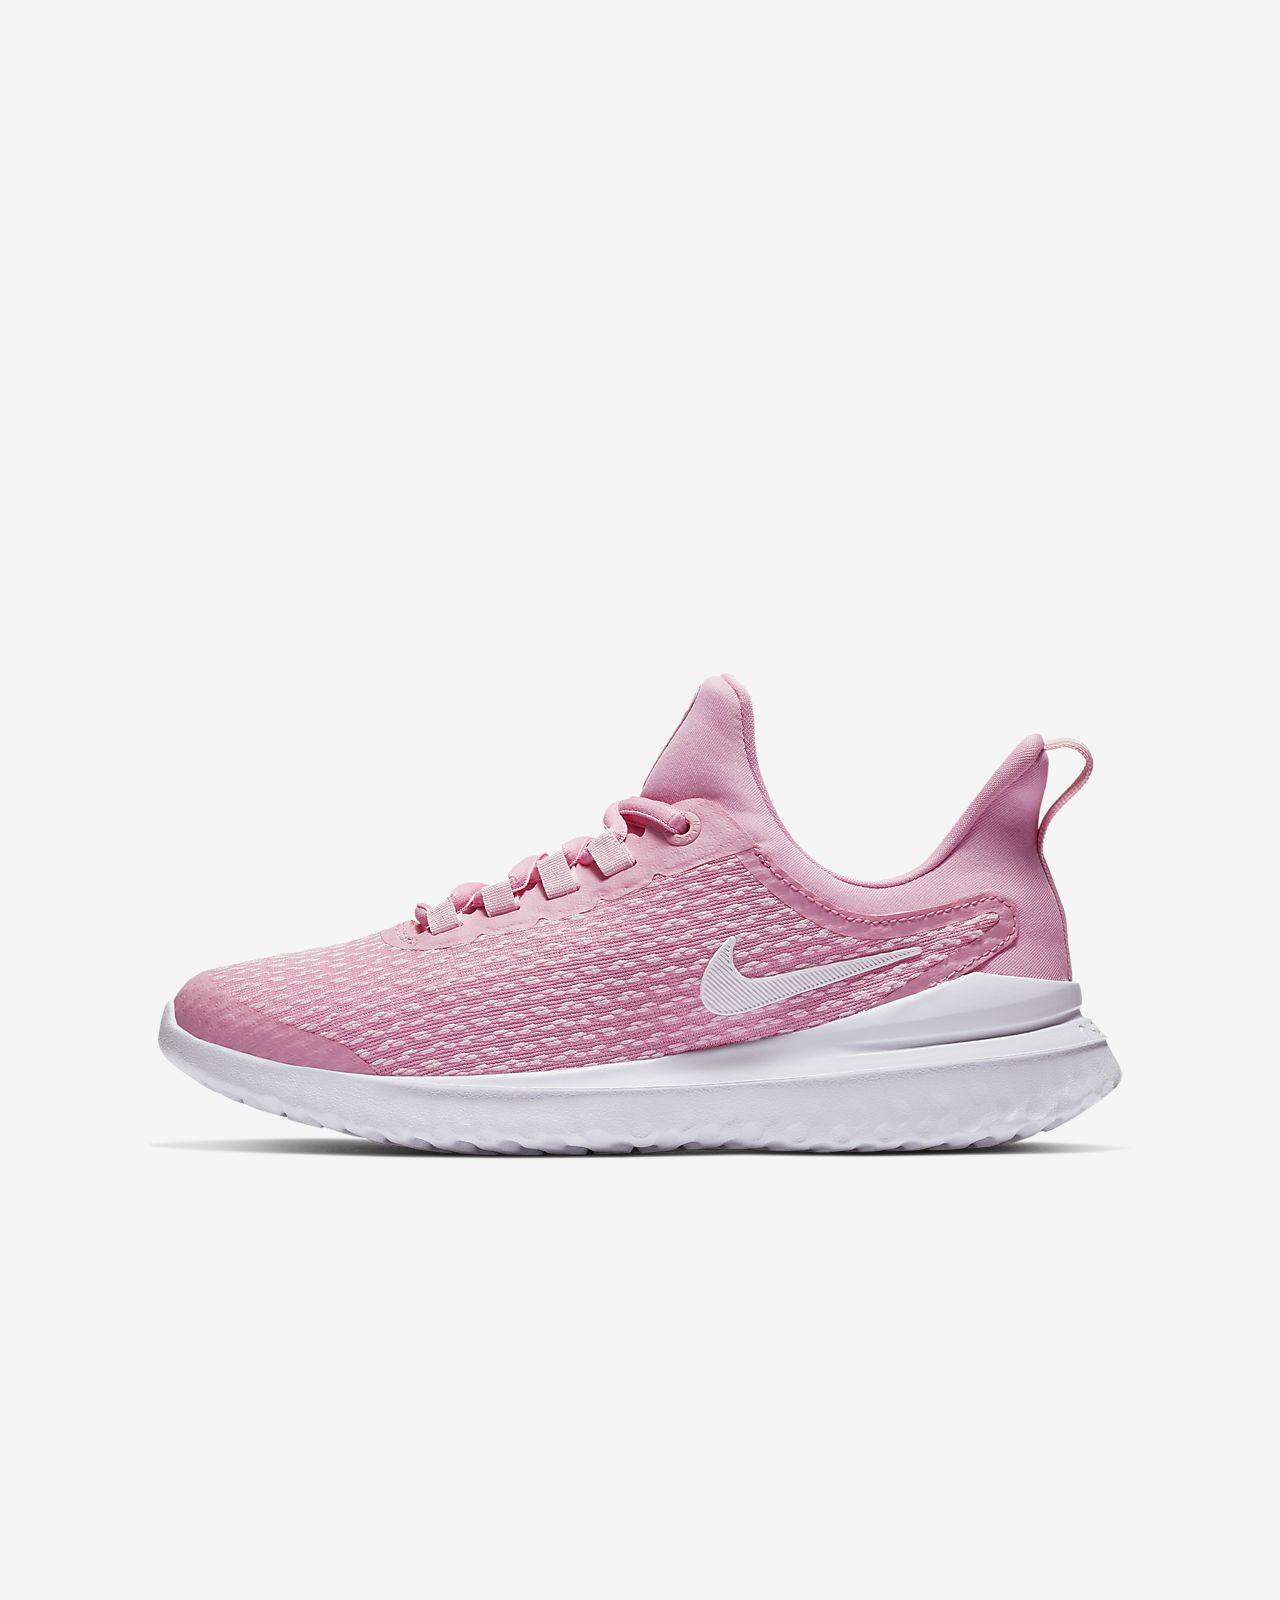 Nike Renew Rival Genç Çocuk Koşu Ayakkabısı